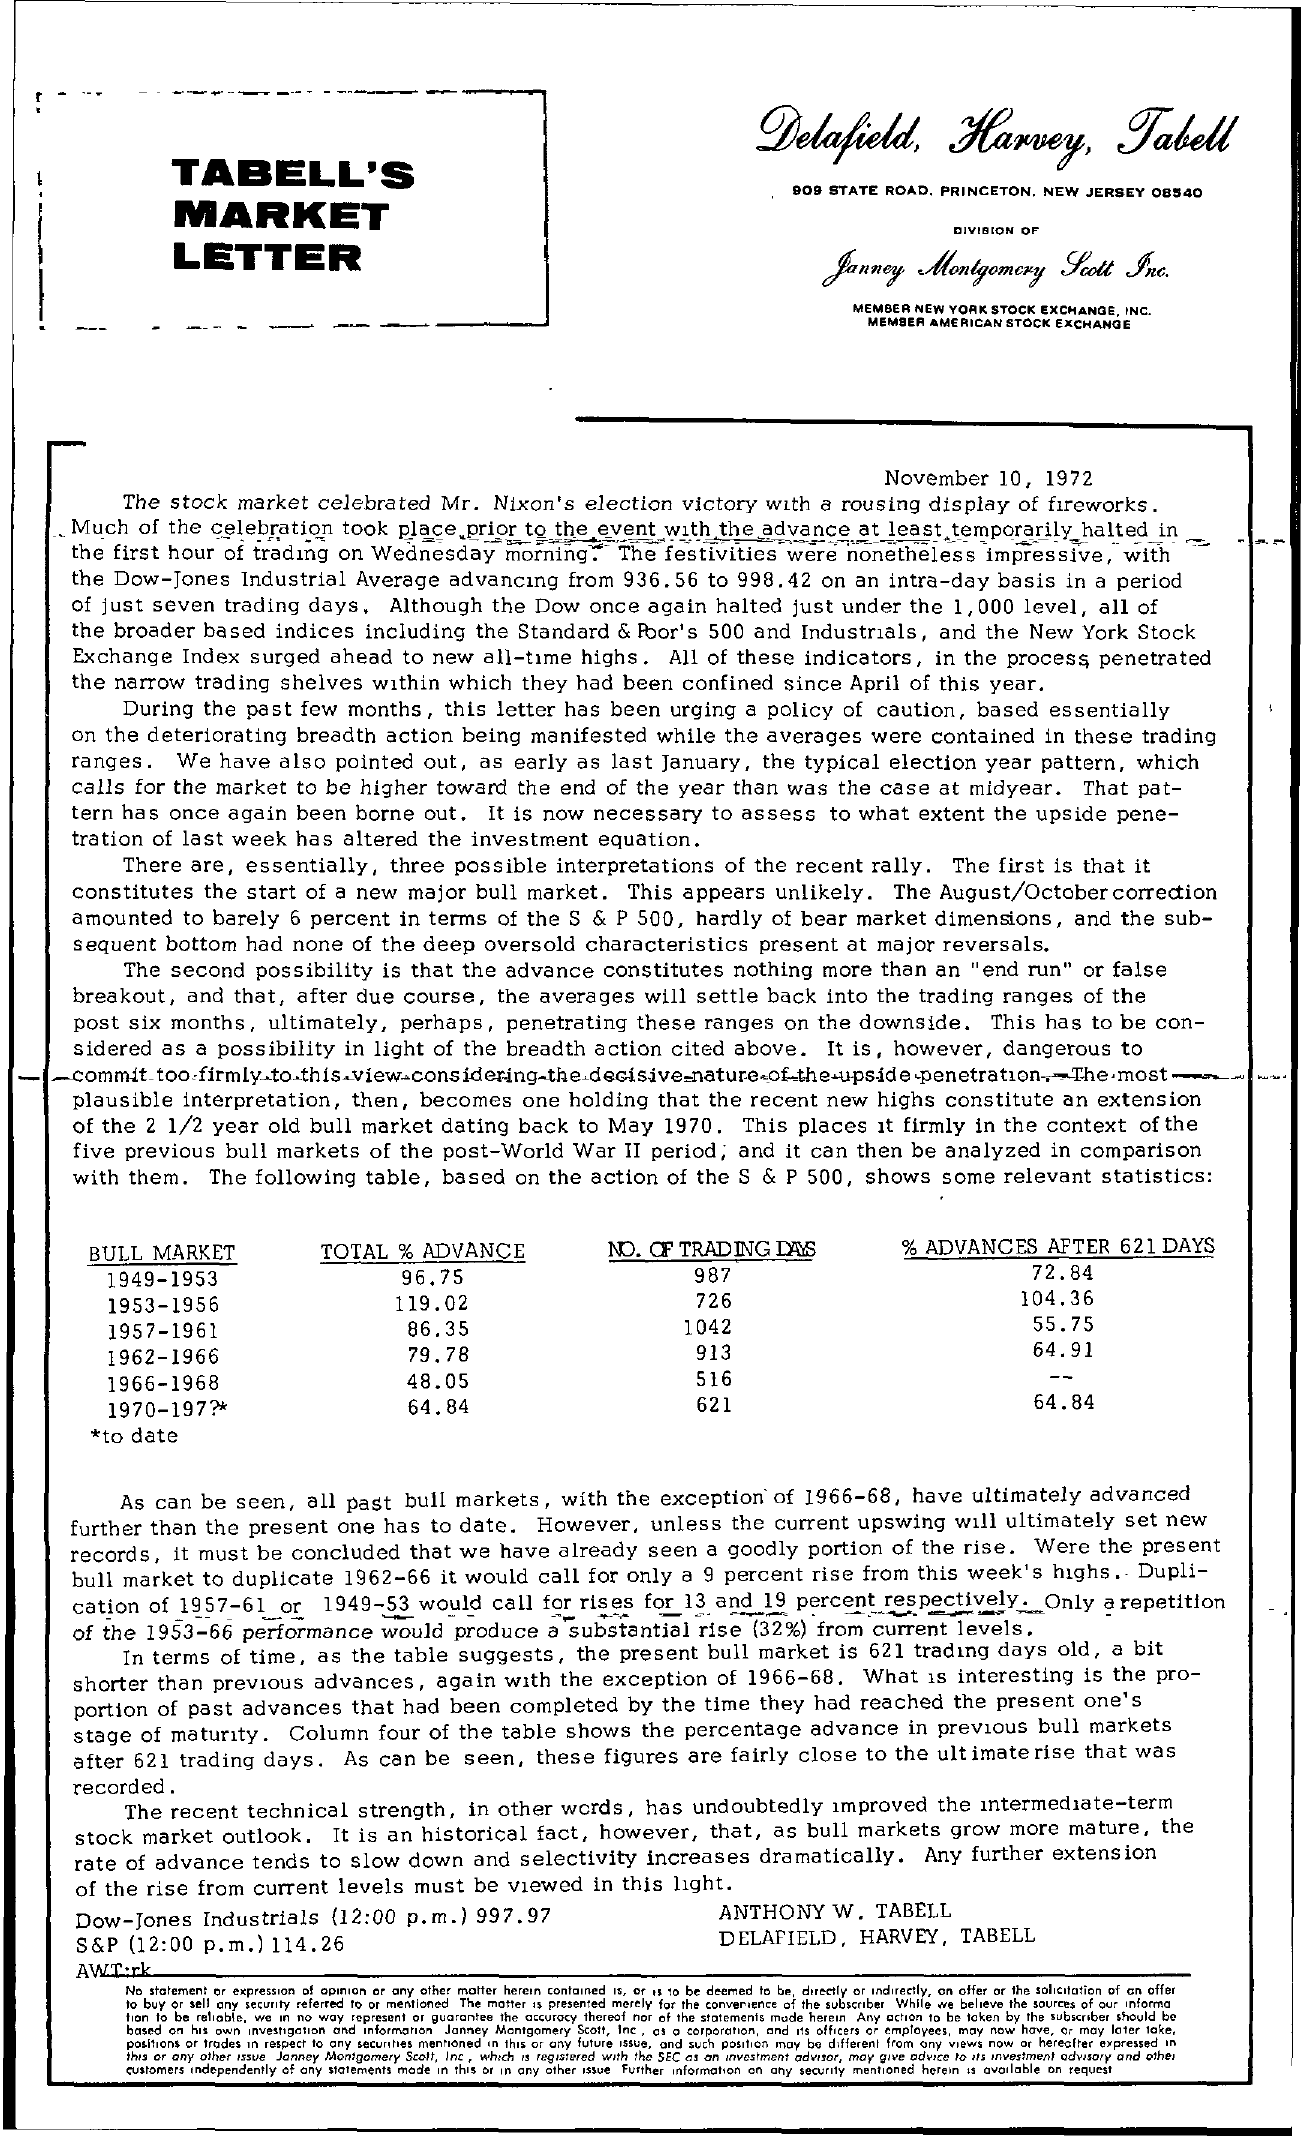 Tabell's Market Letter - November 10, 1972